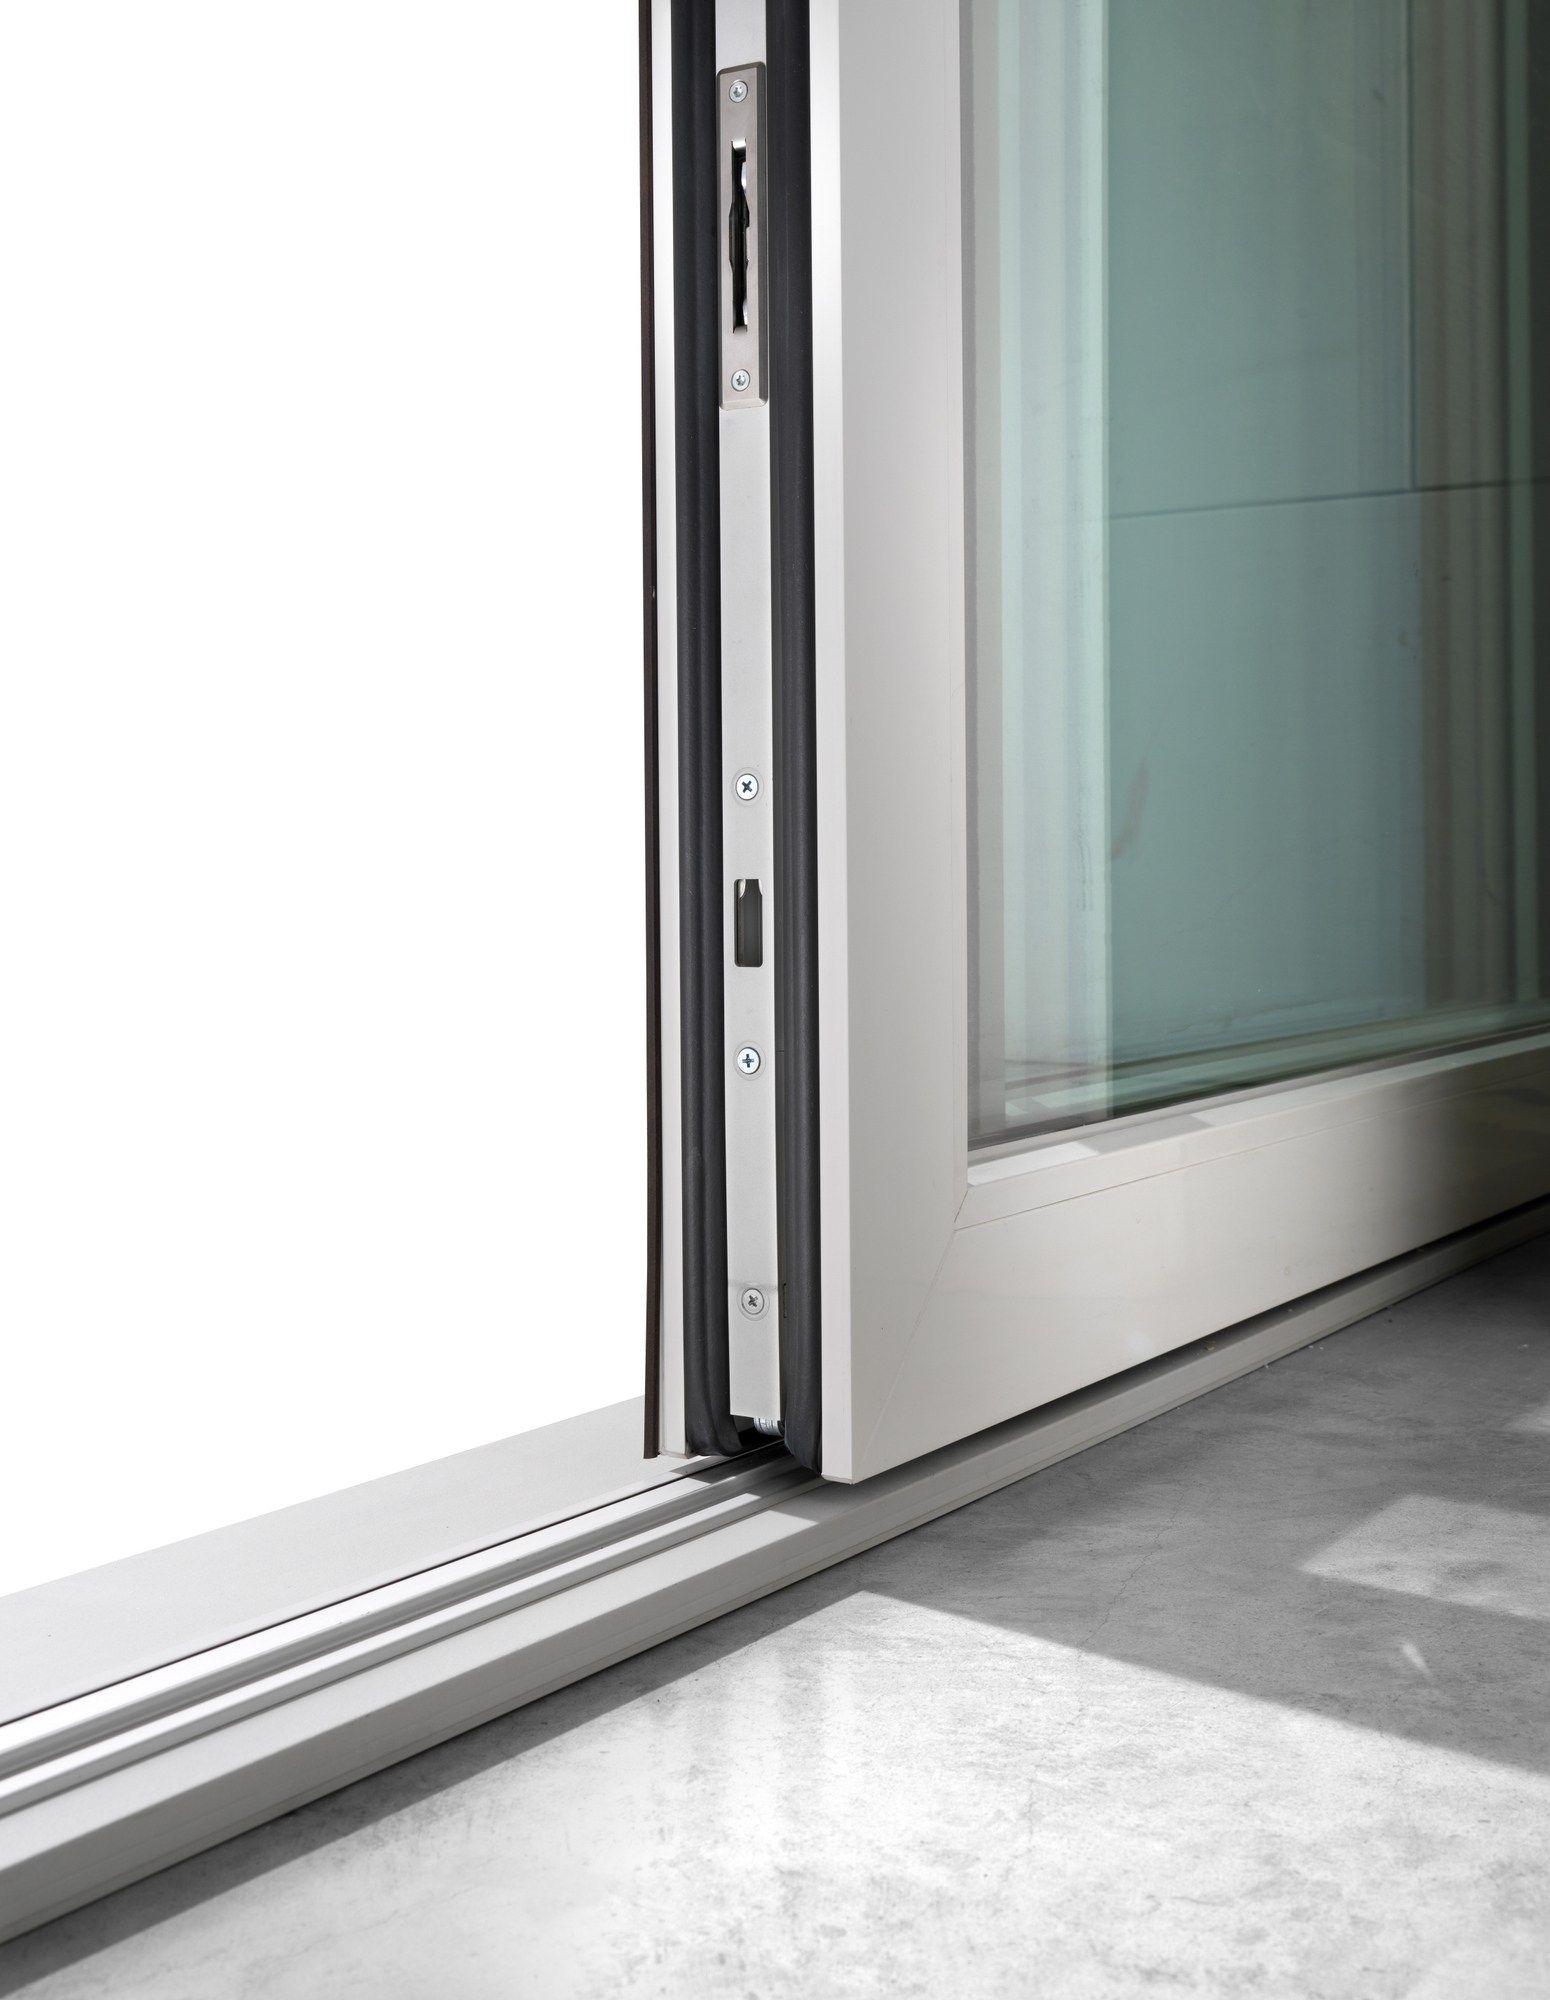 Porta finestra alzante scorrevole in pvc dqg hst for Altezza porta finestra